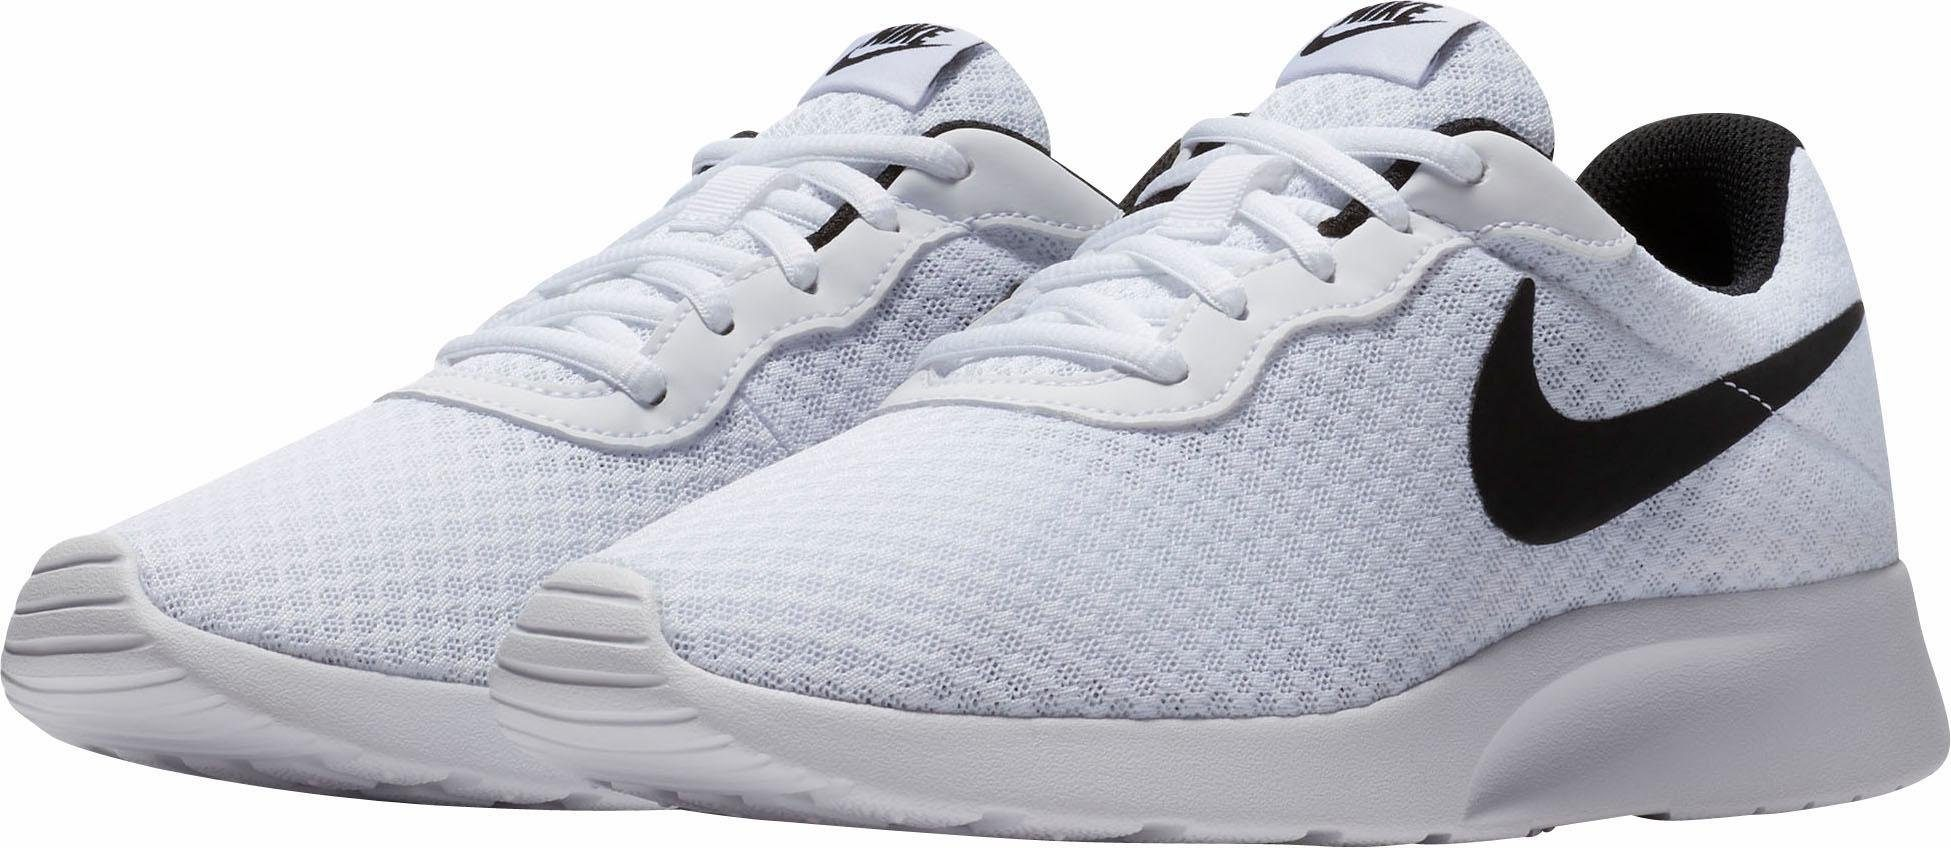 Nike Sportswear Tanjun Wmns Sneaker kaufen  weiß-schwarz